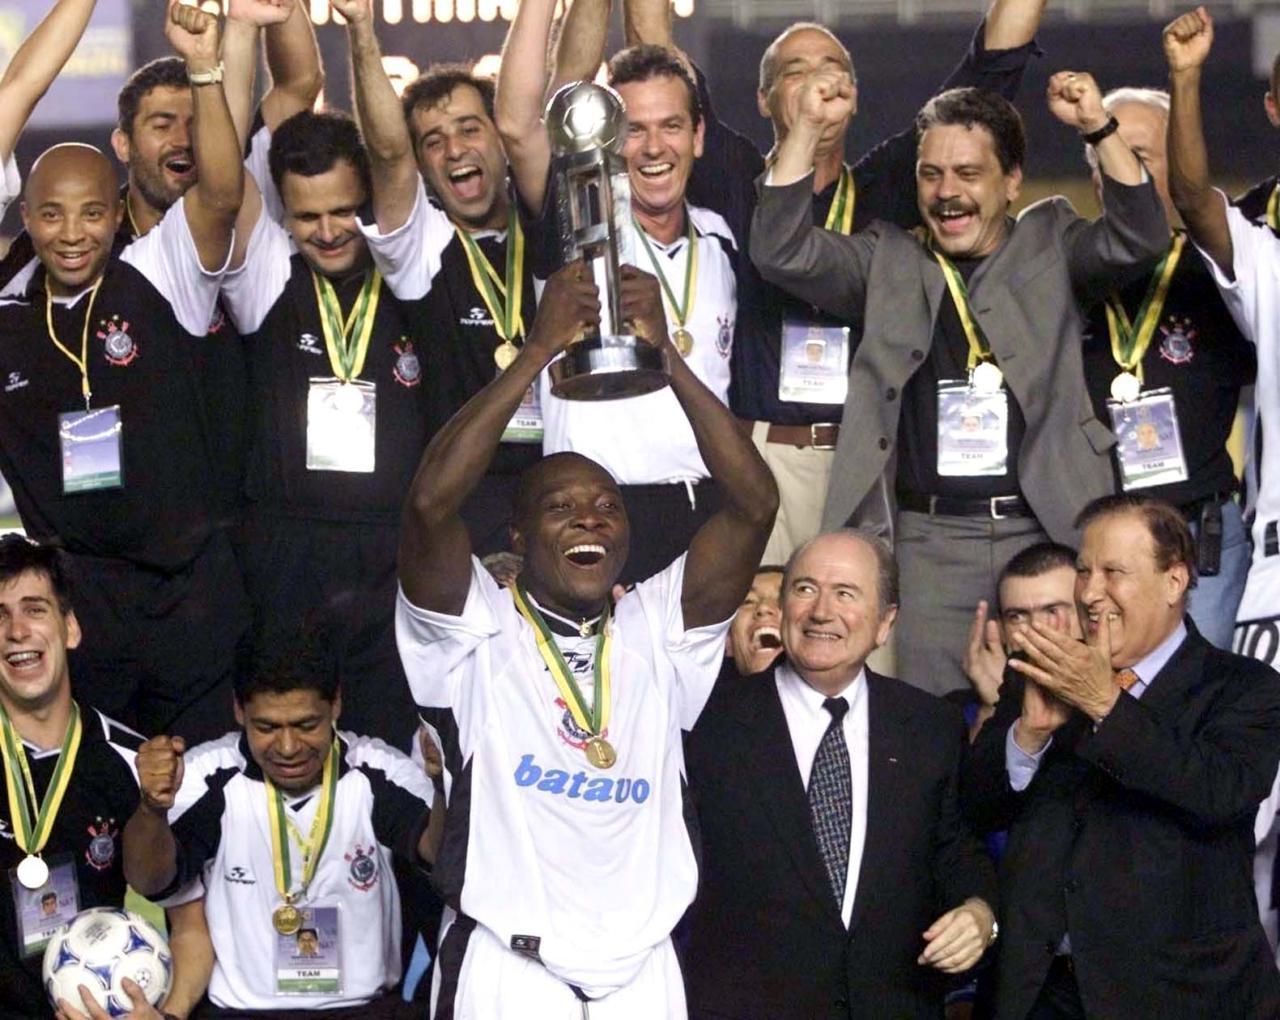 Rincón levanta a taça de campeão do mundo da Fifa em 2000 - Otávio Magalhães/Estadão Conteúdo